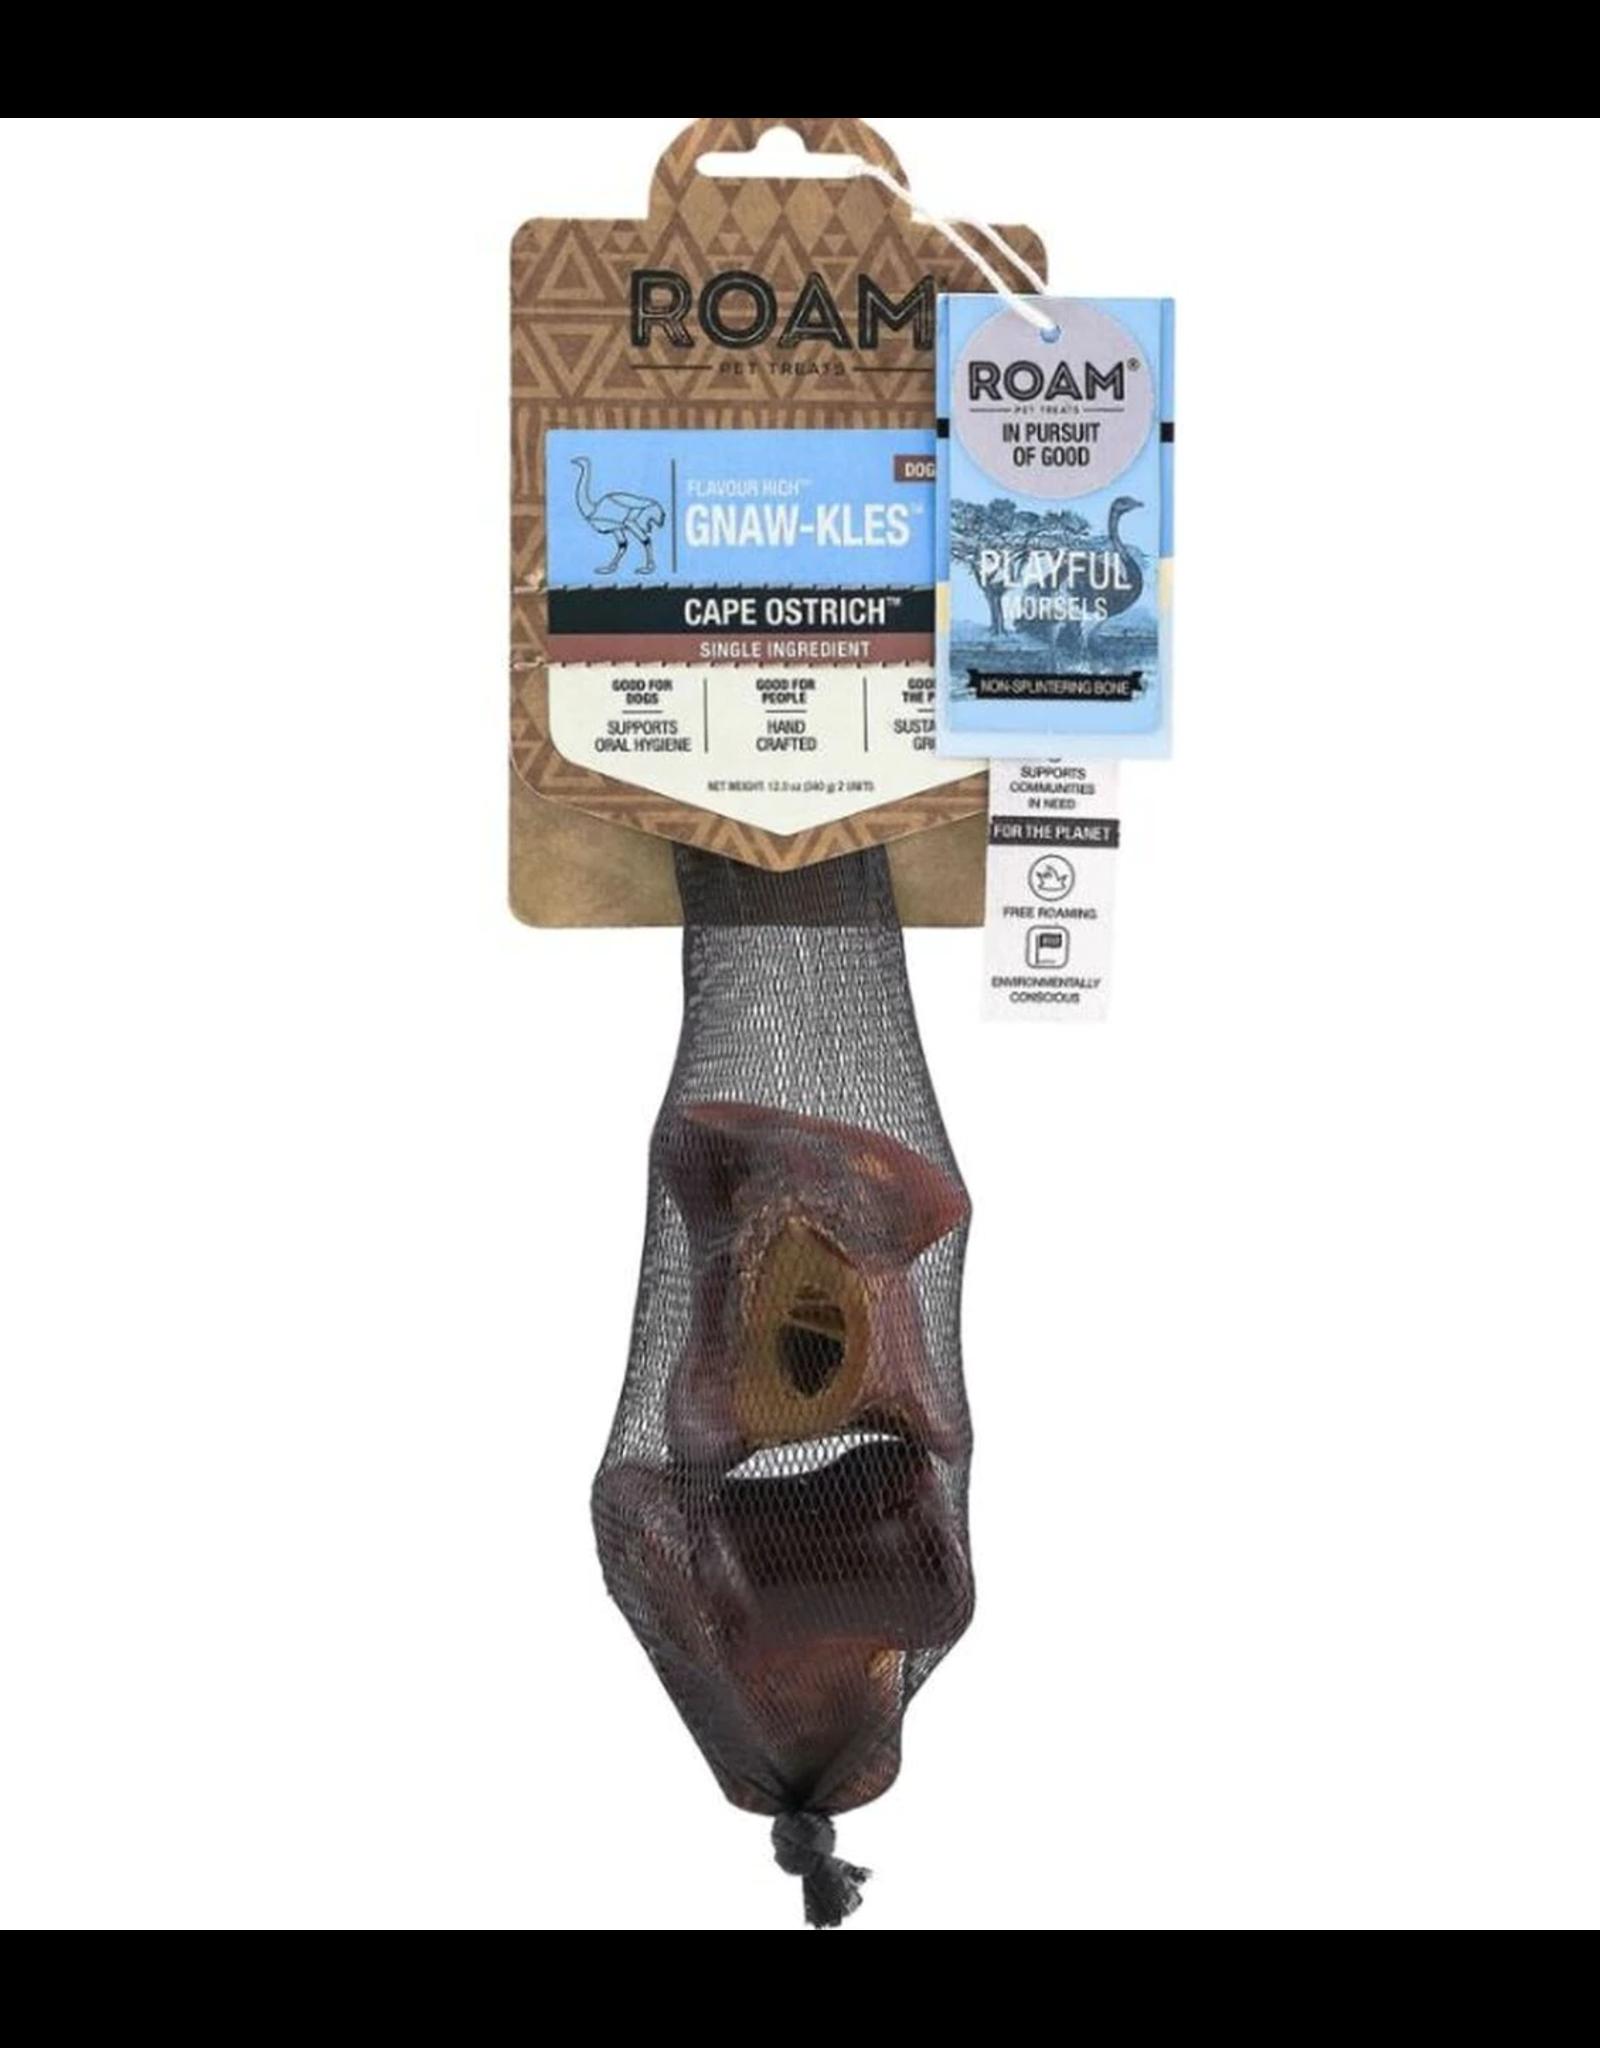 Roam Pet Treats ROAM PET TREATS CAPE OSTRICH GNAW-KLES 2-COUNT